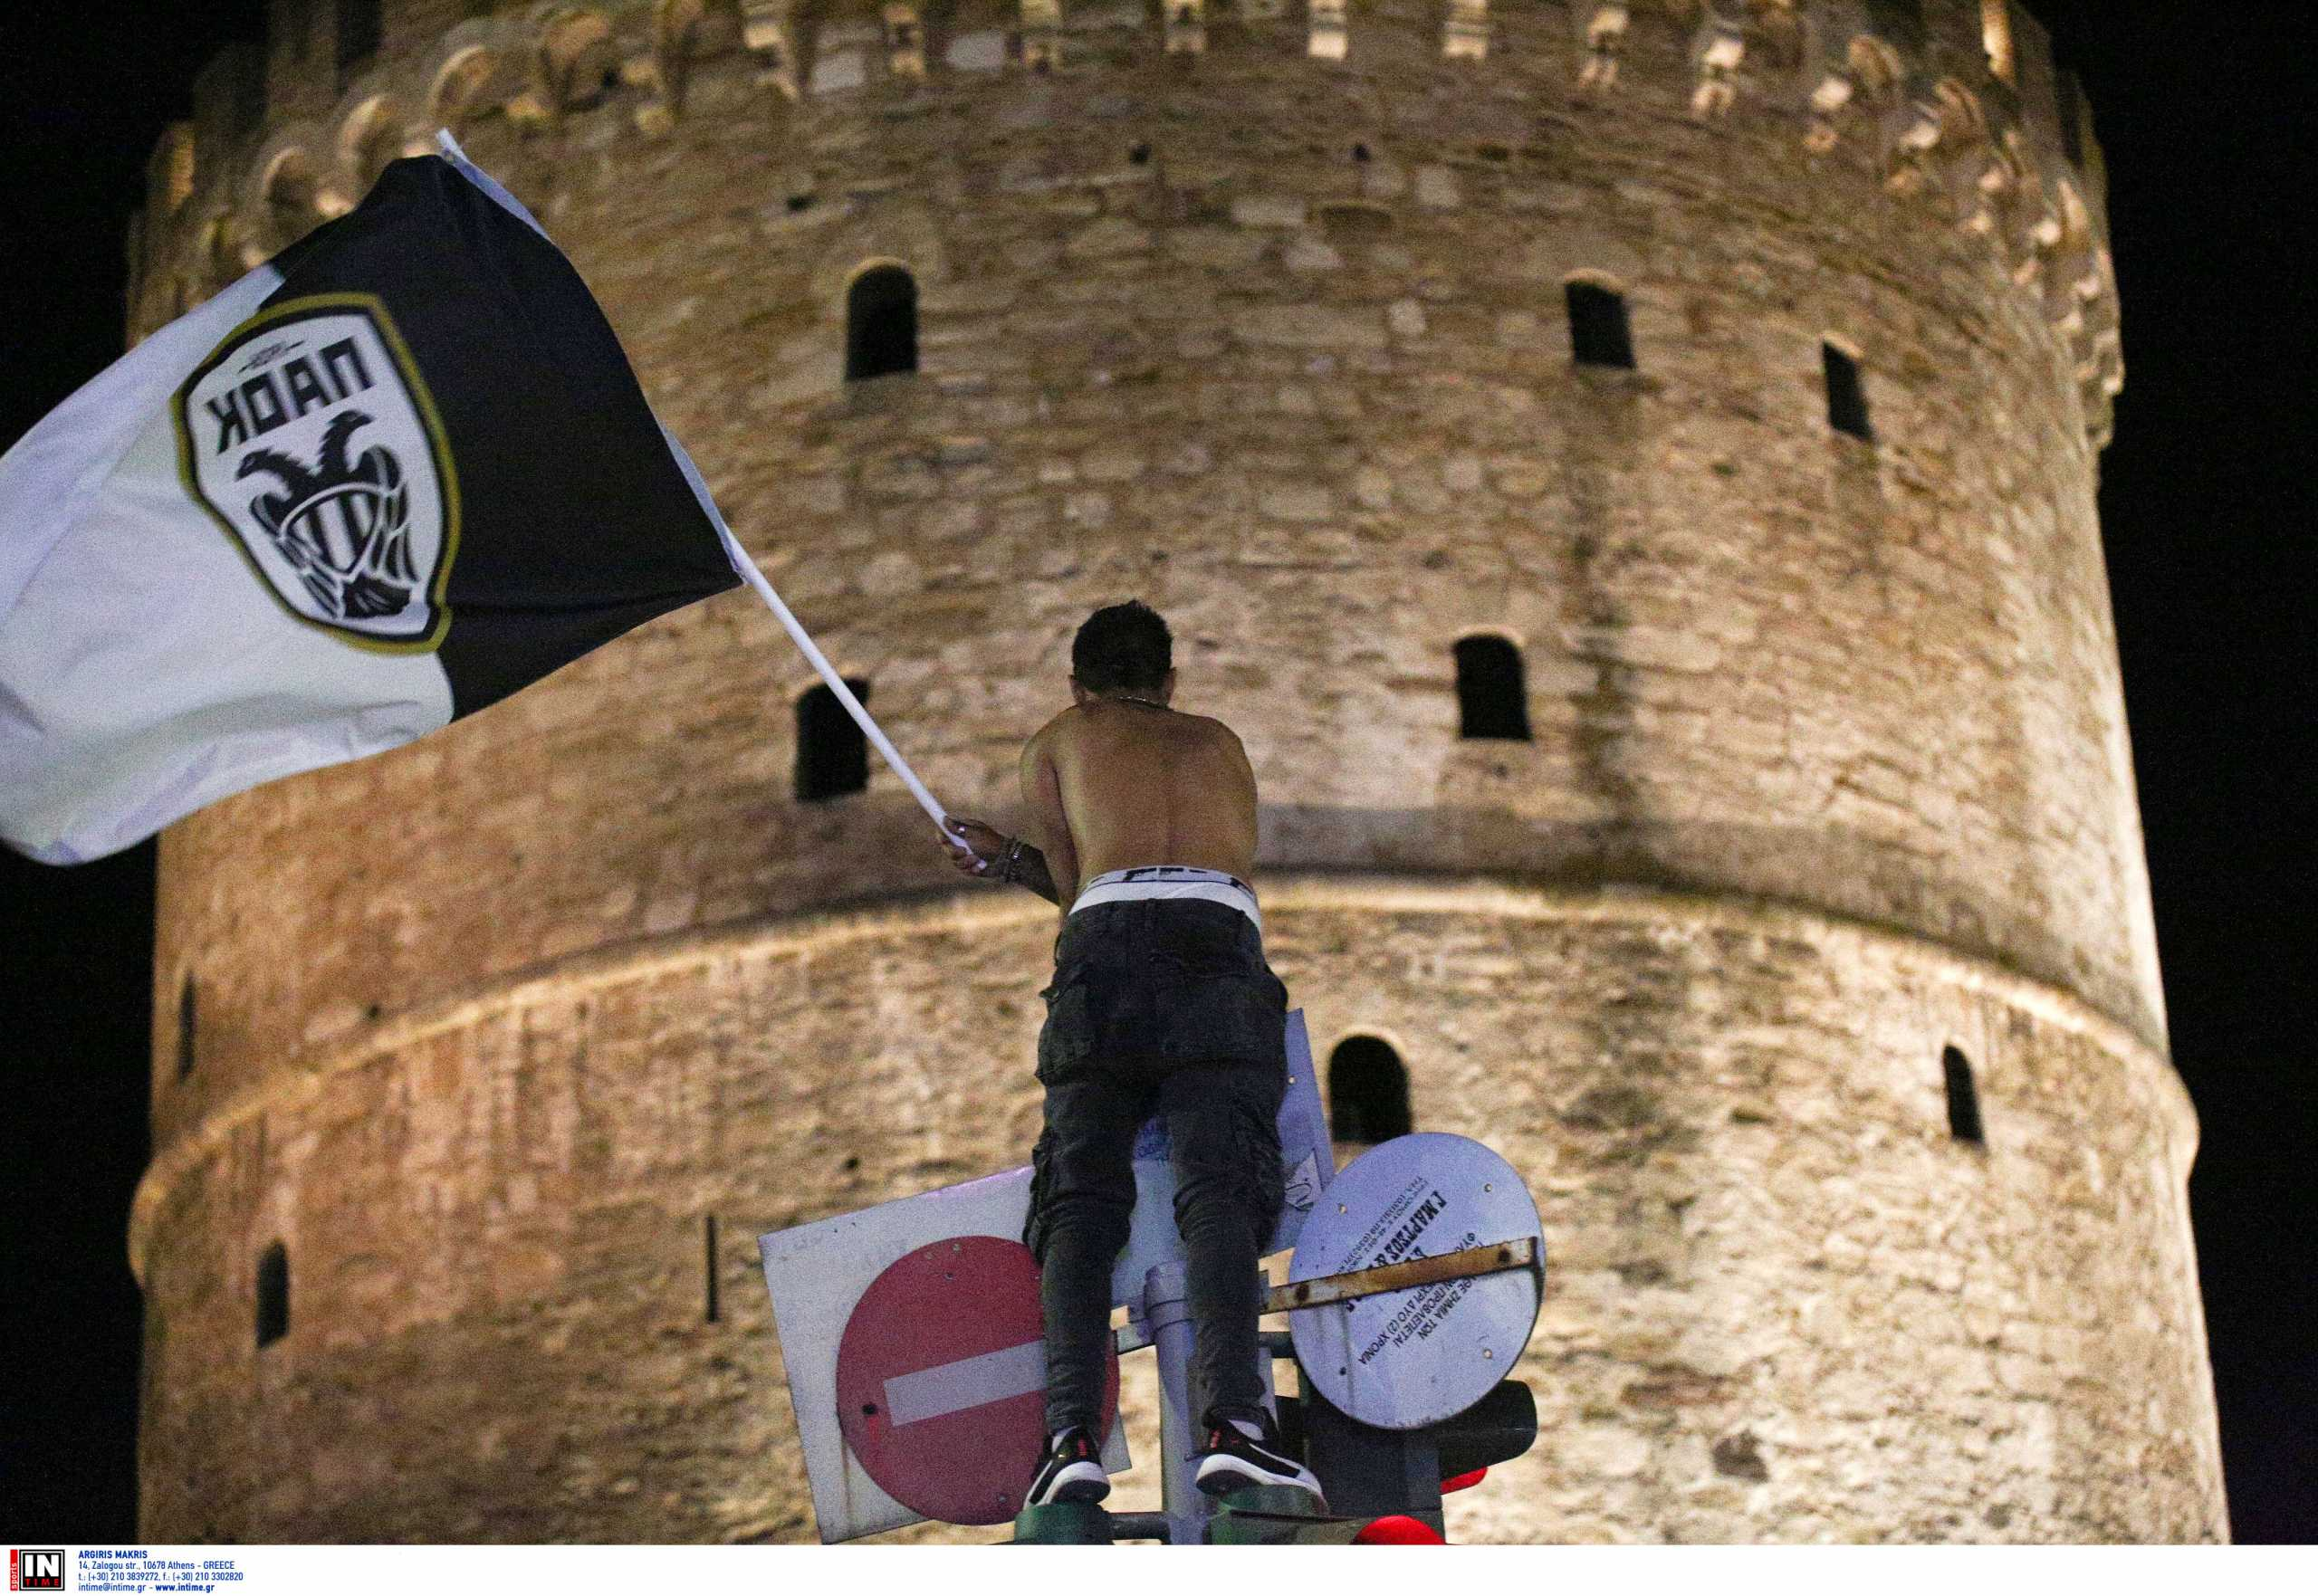 ΠΑΟΚ: Χαμός στο Λευκό Πύργο από τους οπαδούς